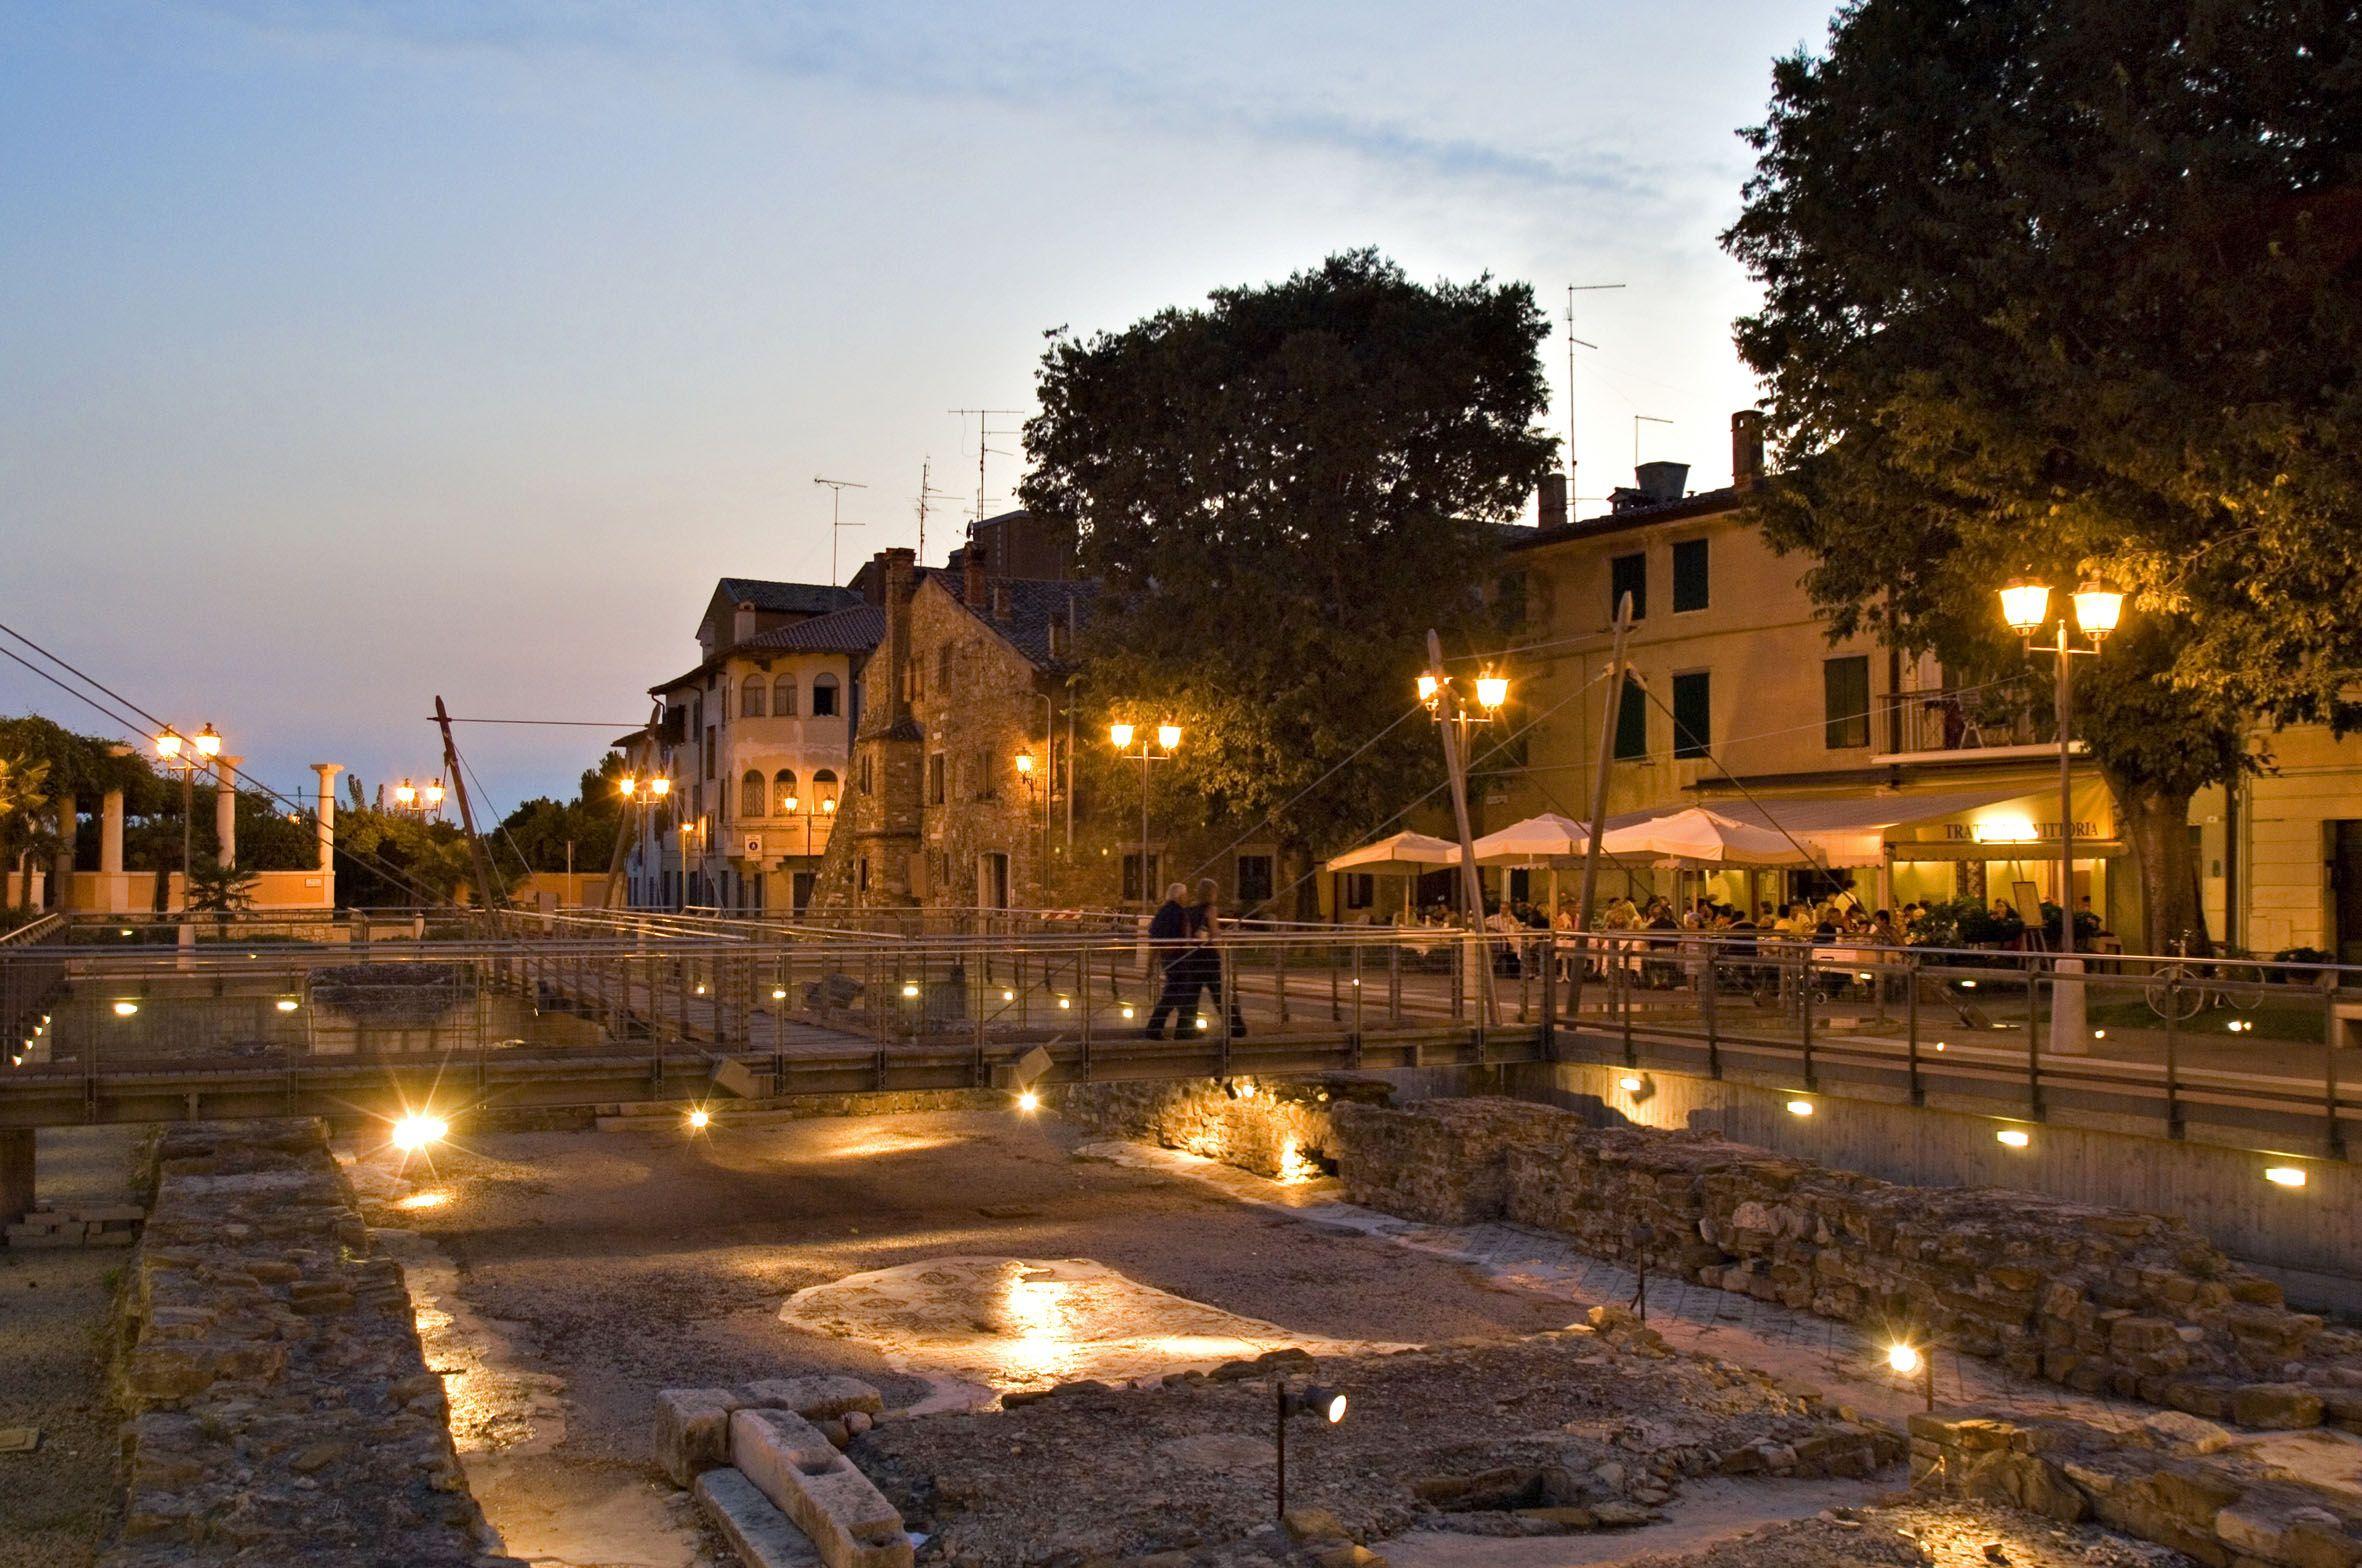 Grado - Castrum   #archeologia #FriuliVeneziaGiulia